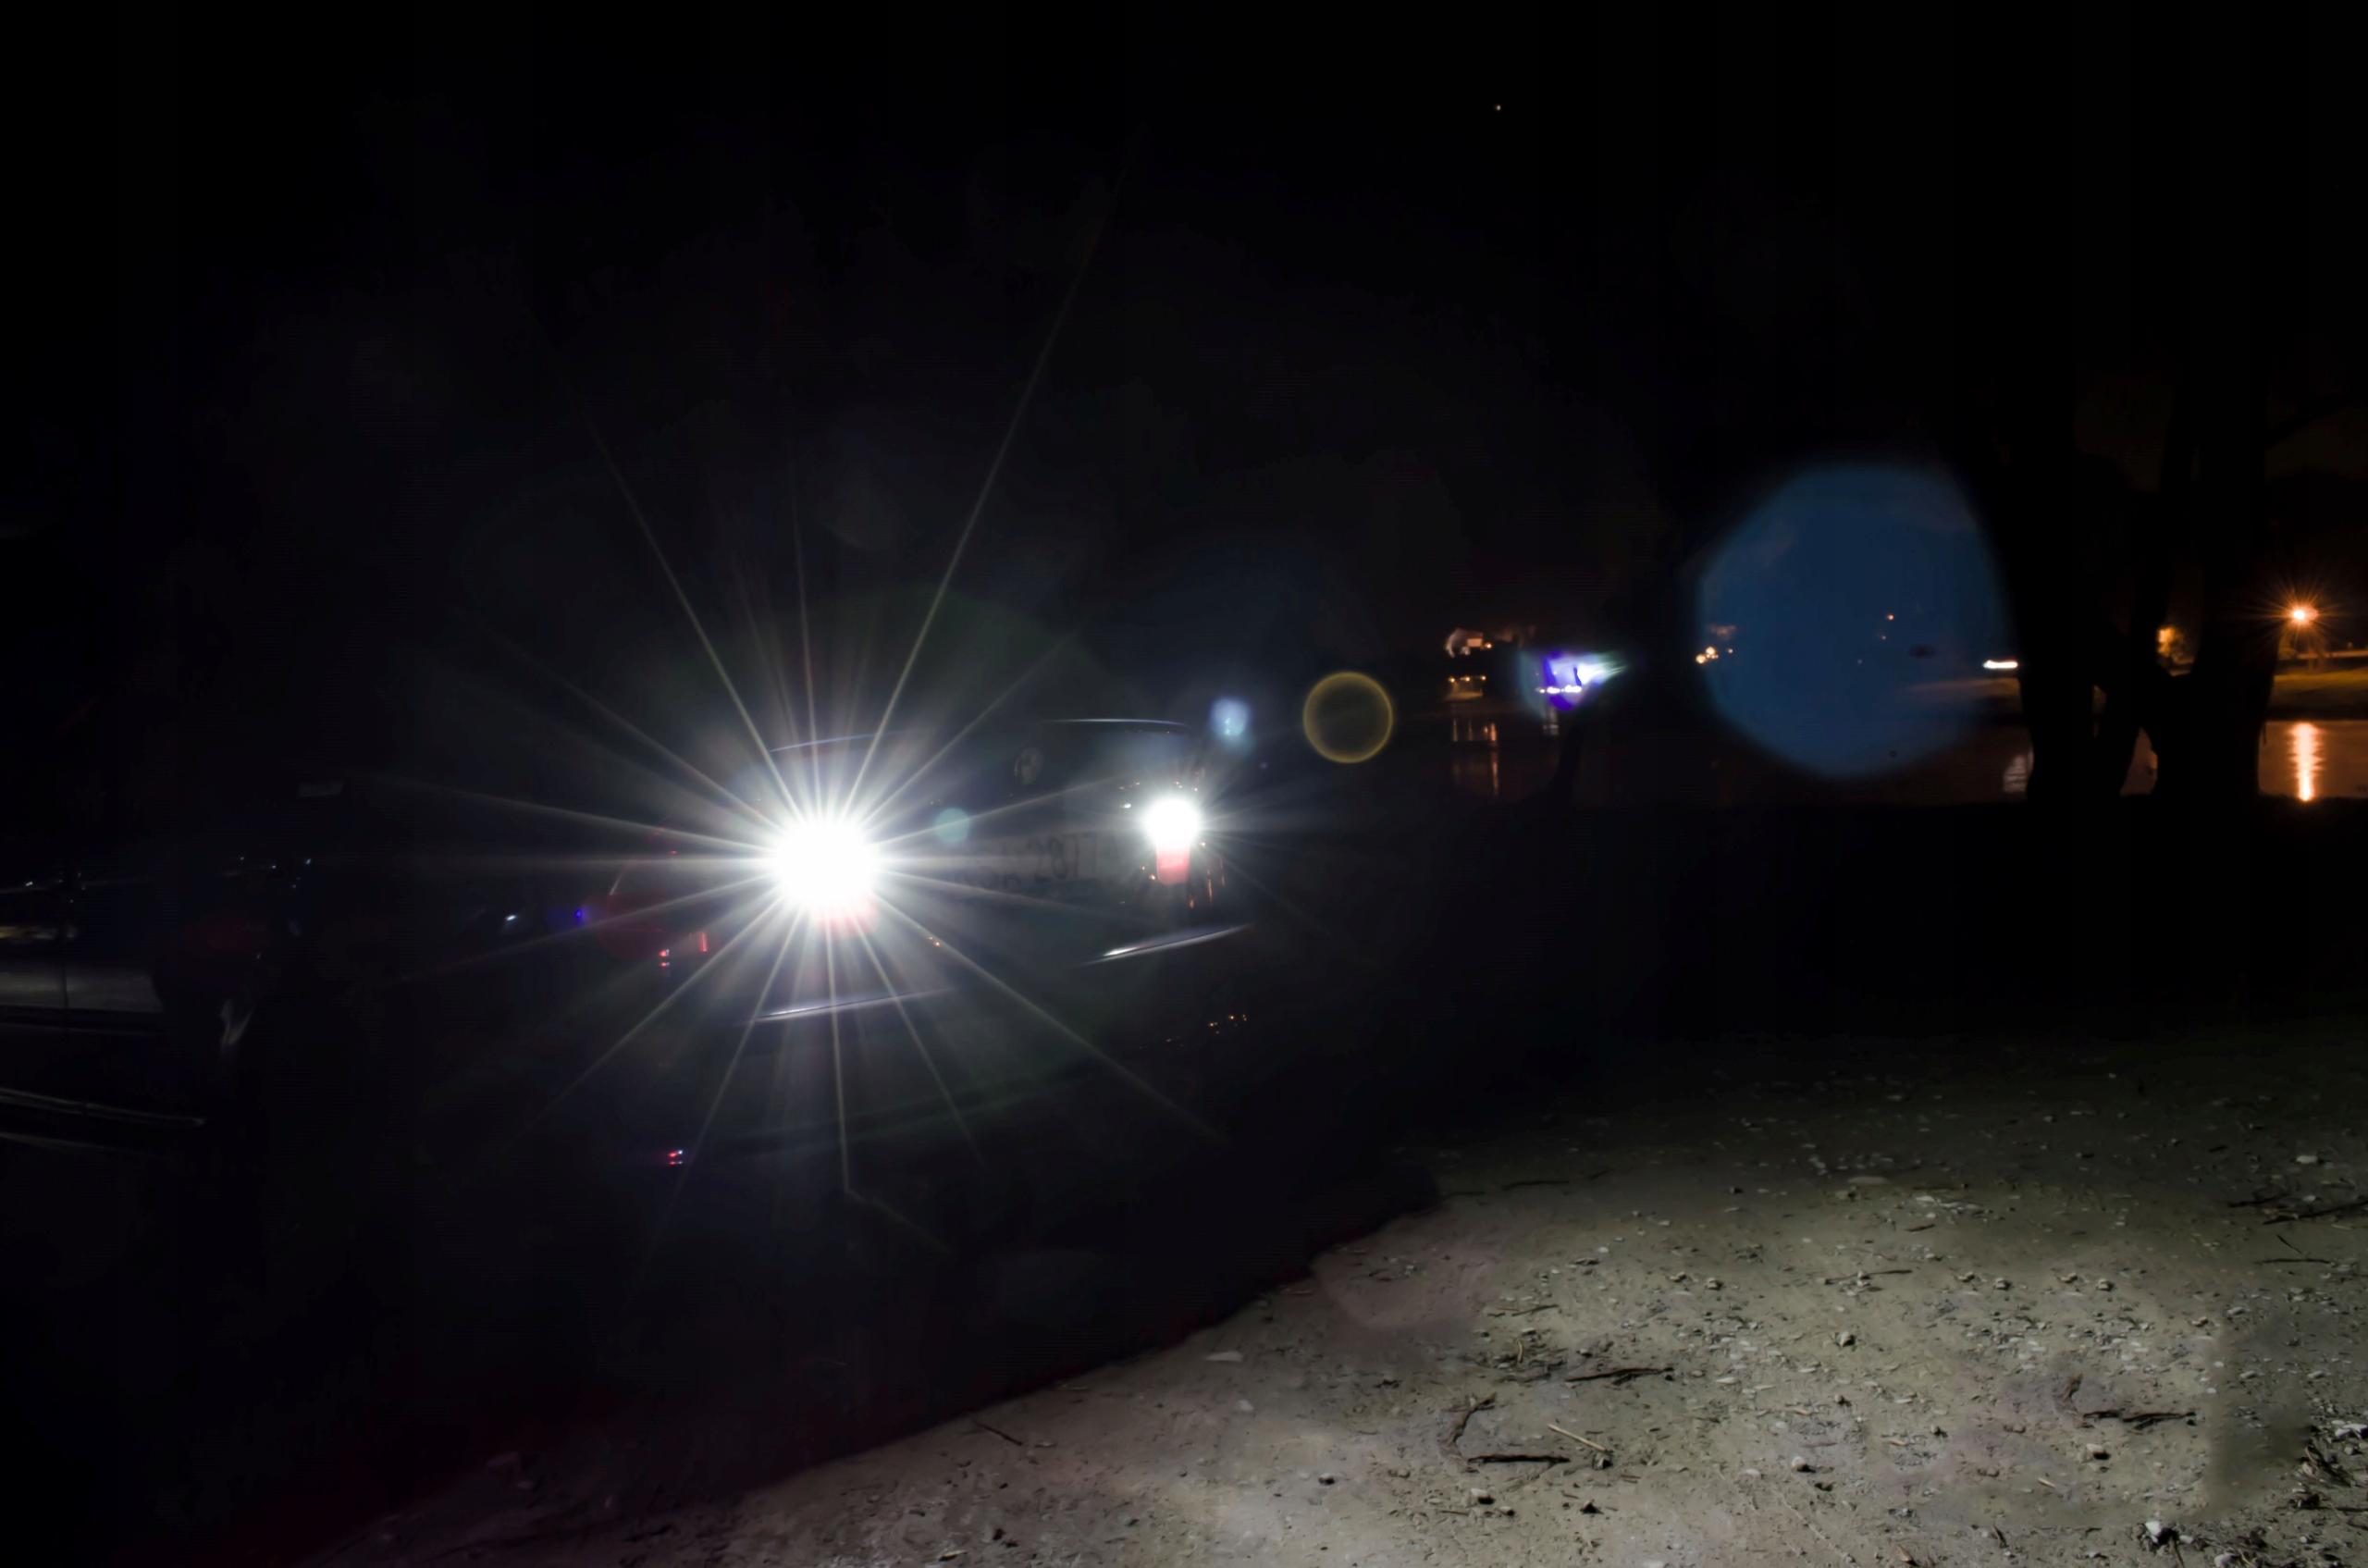 Żarówki P21W LED - Światła wstecznego/ Dzienne Led Zastosowanie światła pozycyjne światła mijania światła przeciwmgielne światła stopu światła cofania